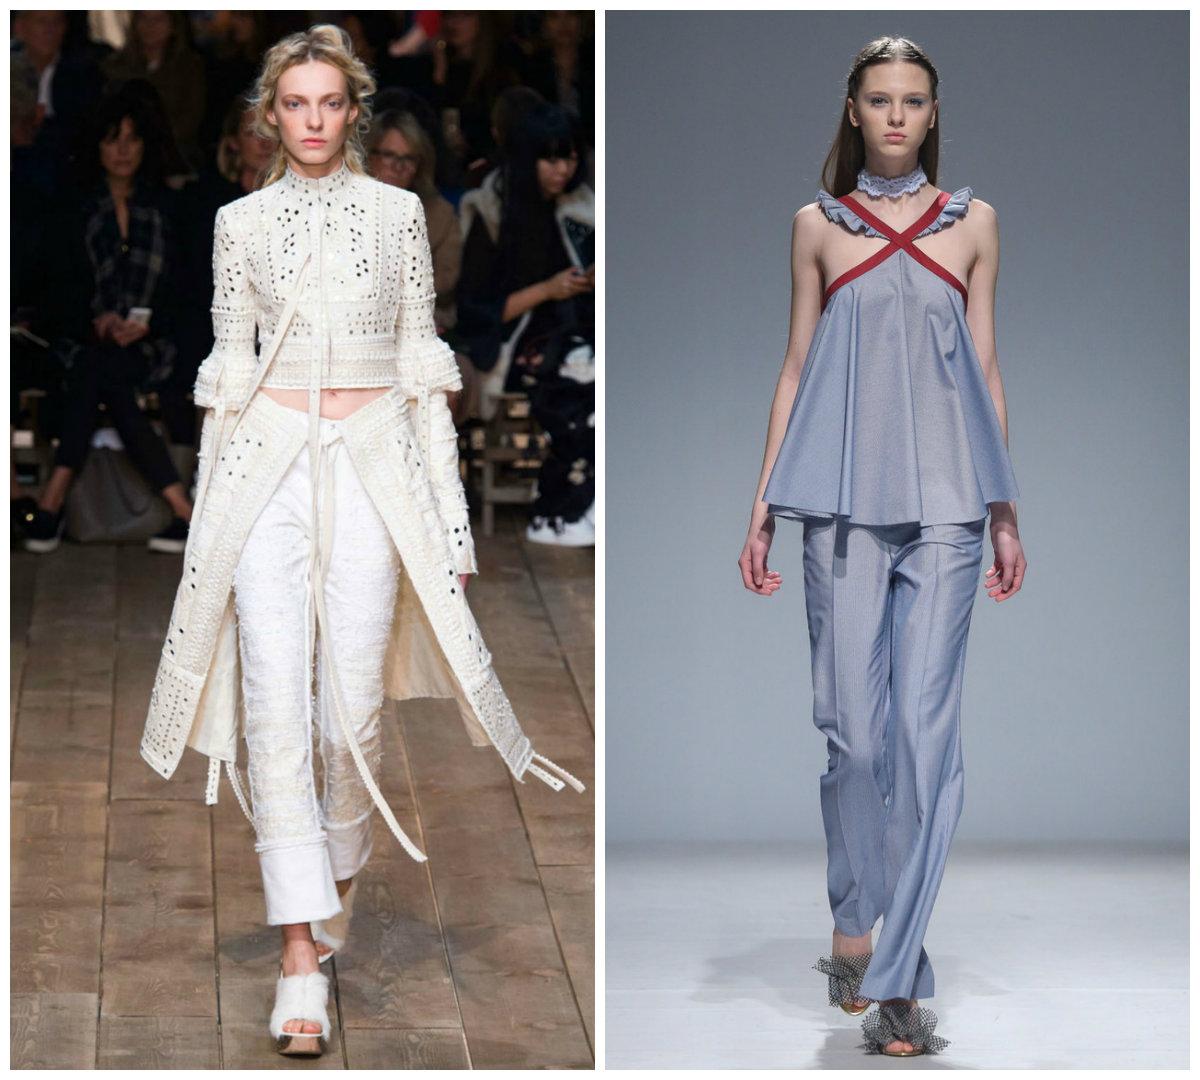 Брюки-женские-2017-года-модные-тенденции-фото-летние-брюки женские 2017 года